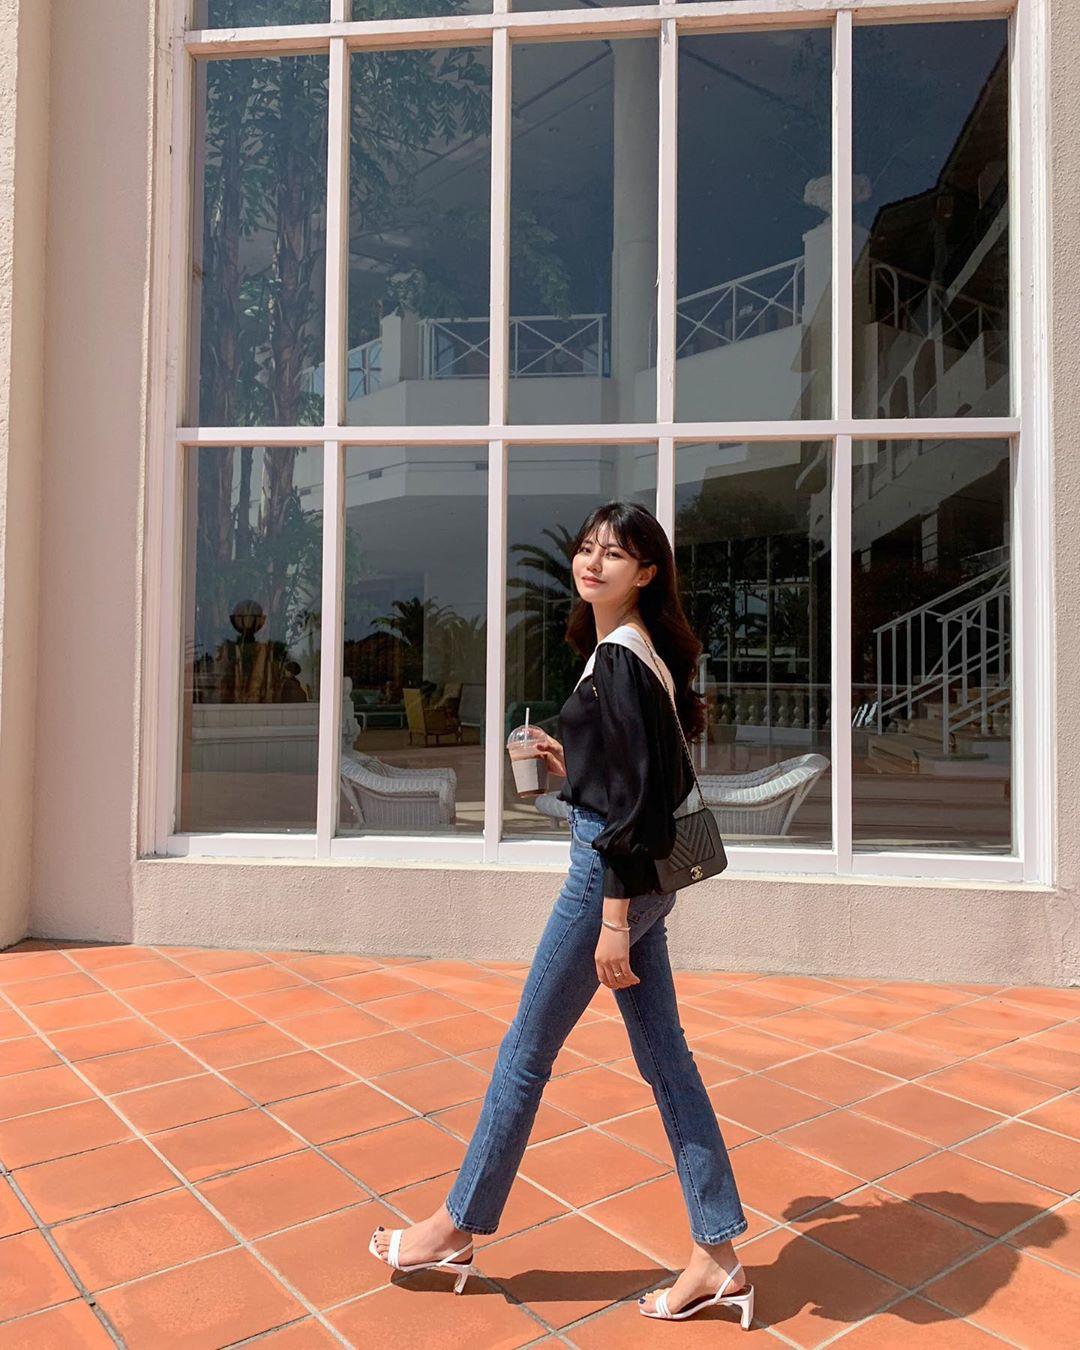 Quý cô chuyên diện quần skinny jeans gợi ý 3 kiểu giày dép kết hợp siêu ăn ý, lại còn kéo chân dài vô địch - Ảnh 6.